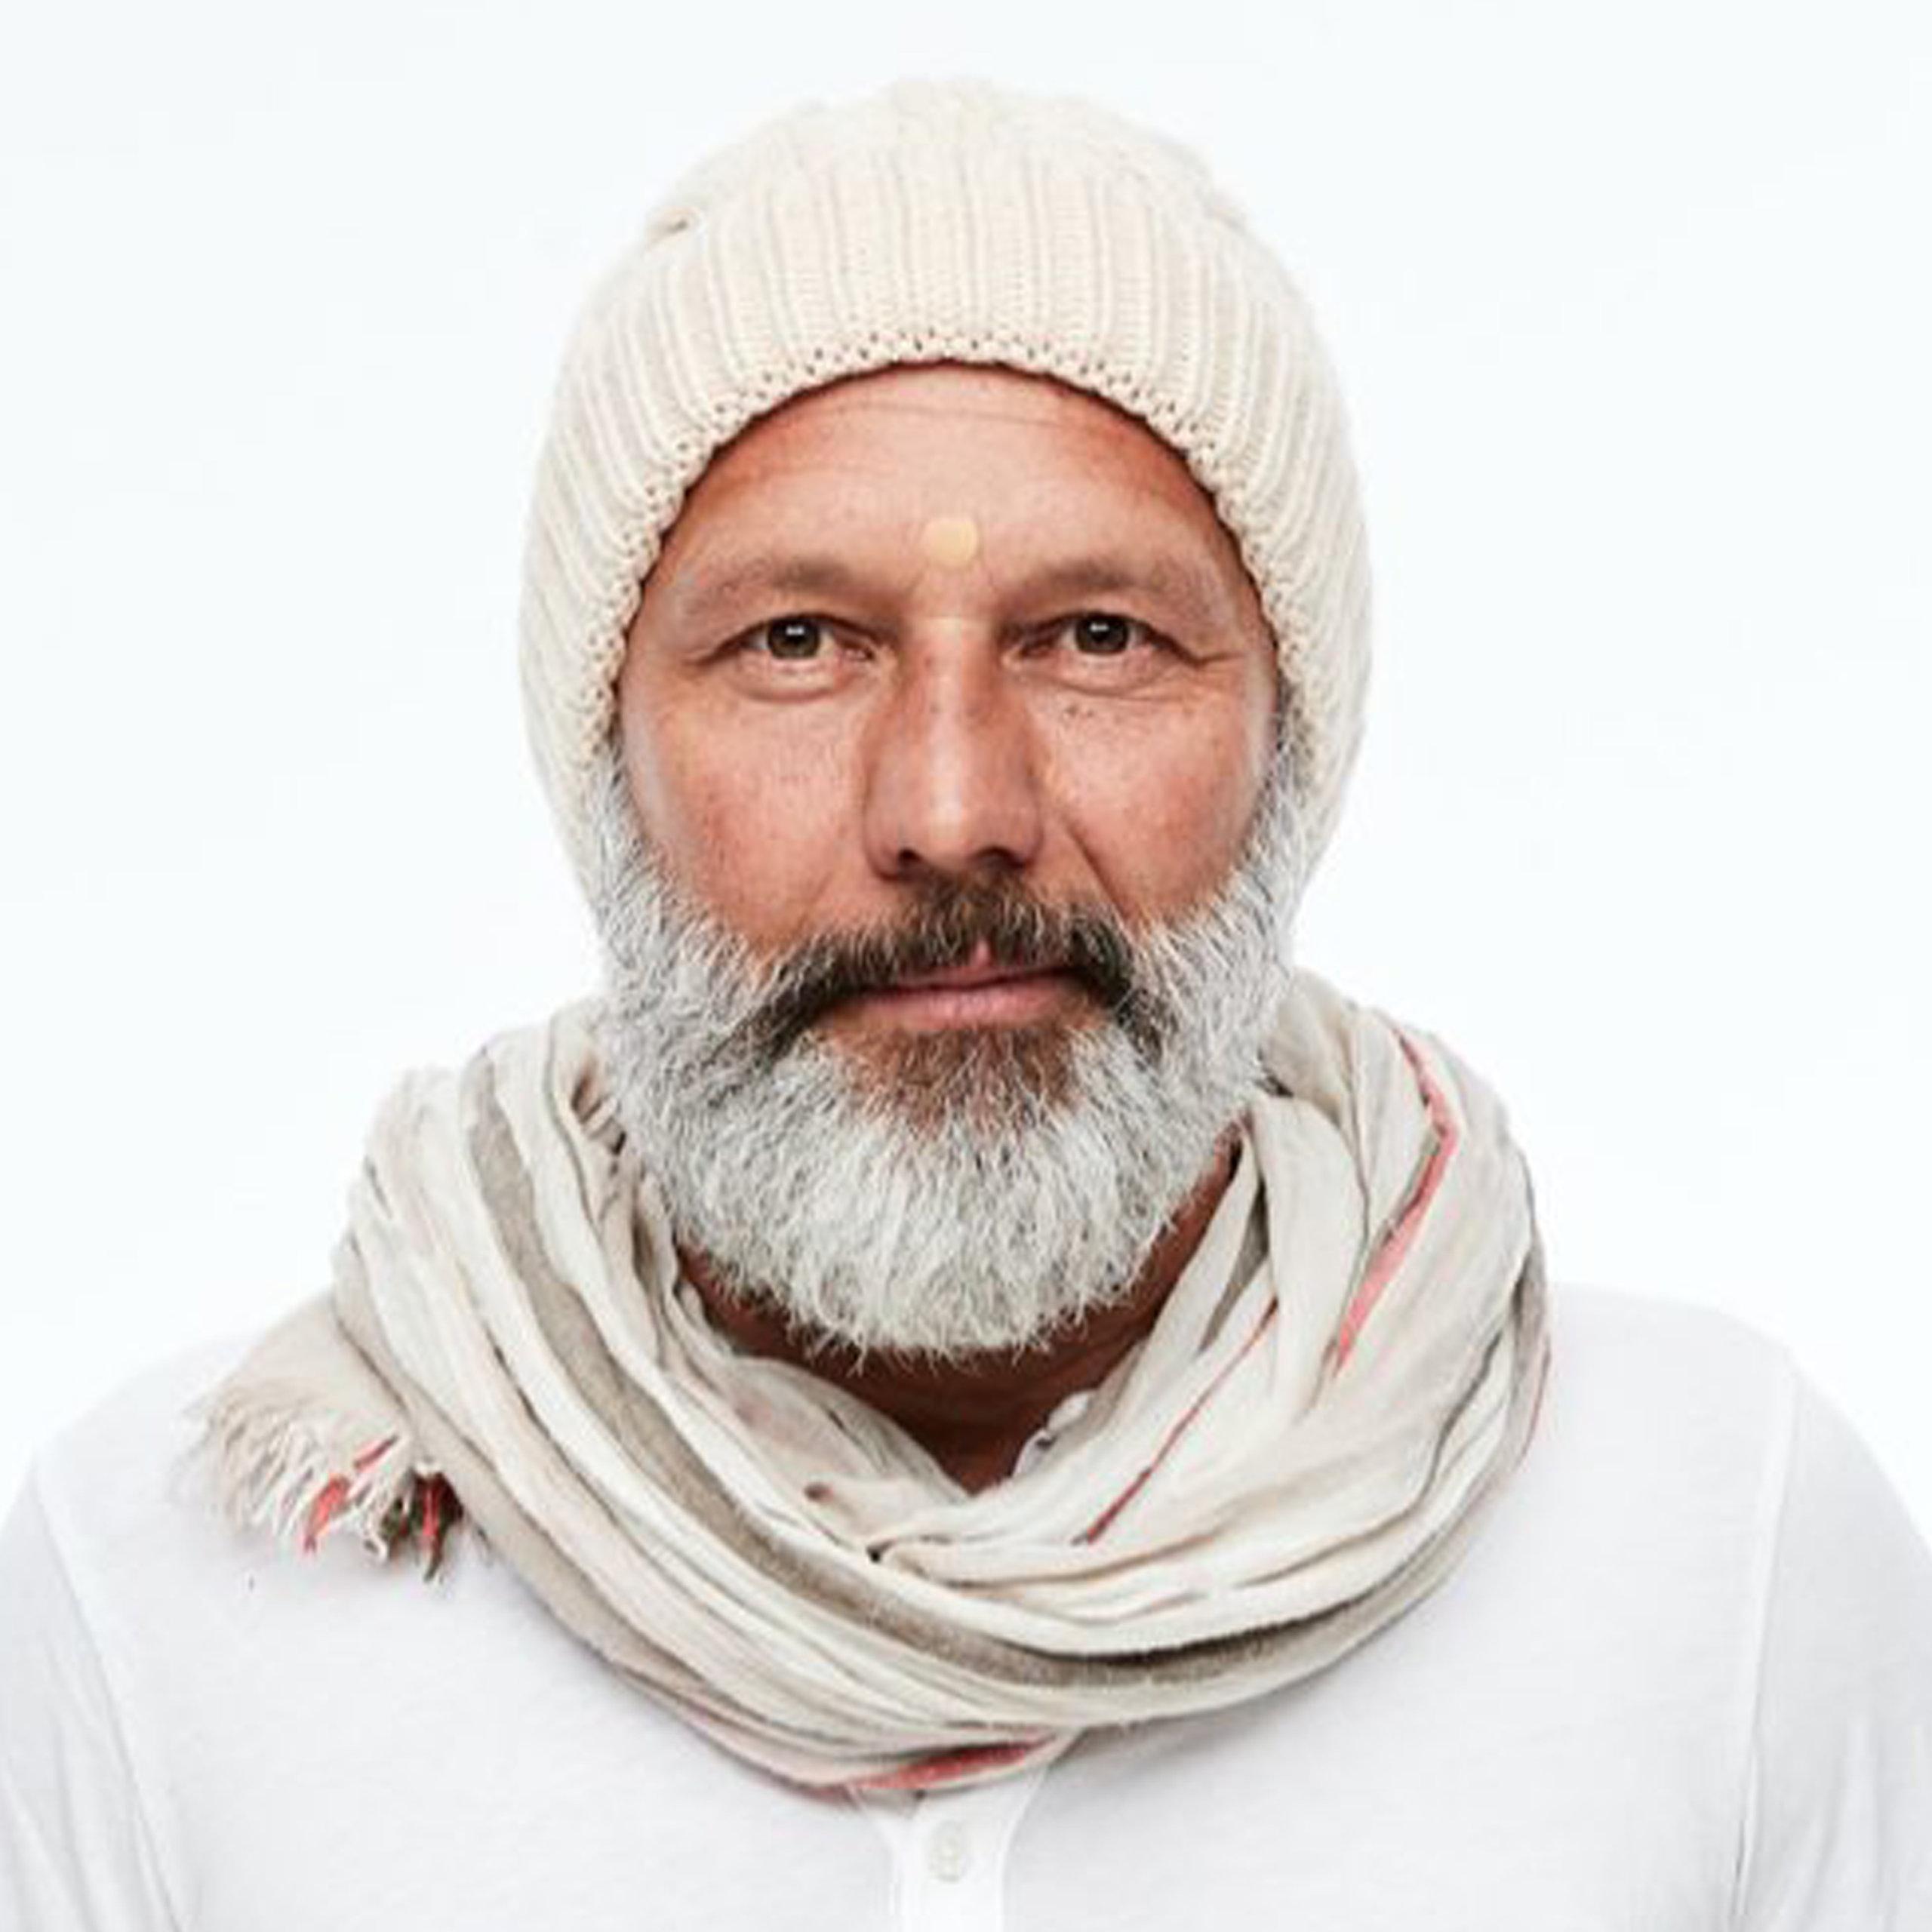 Speaker - Mirko Betz